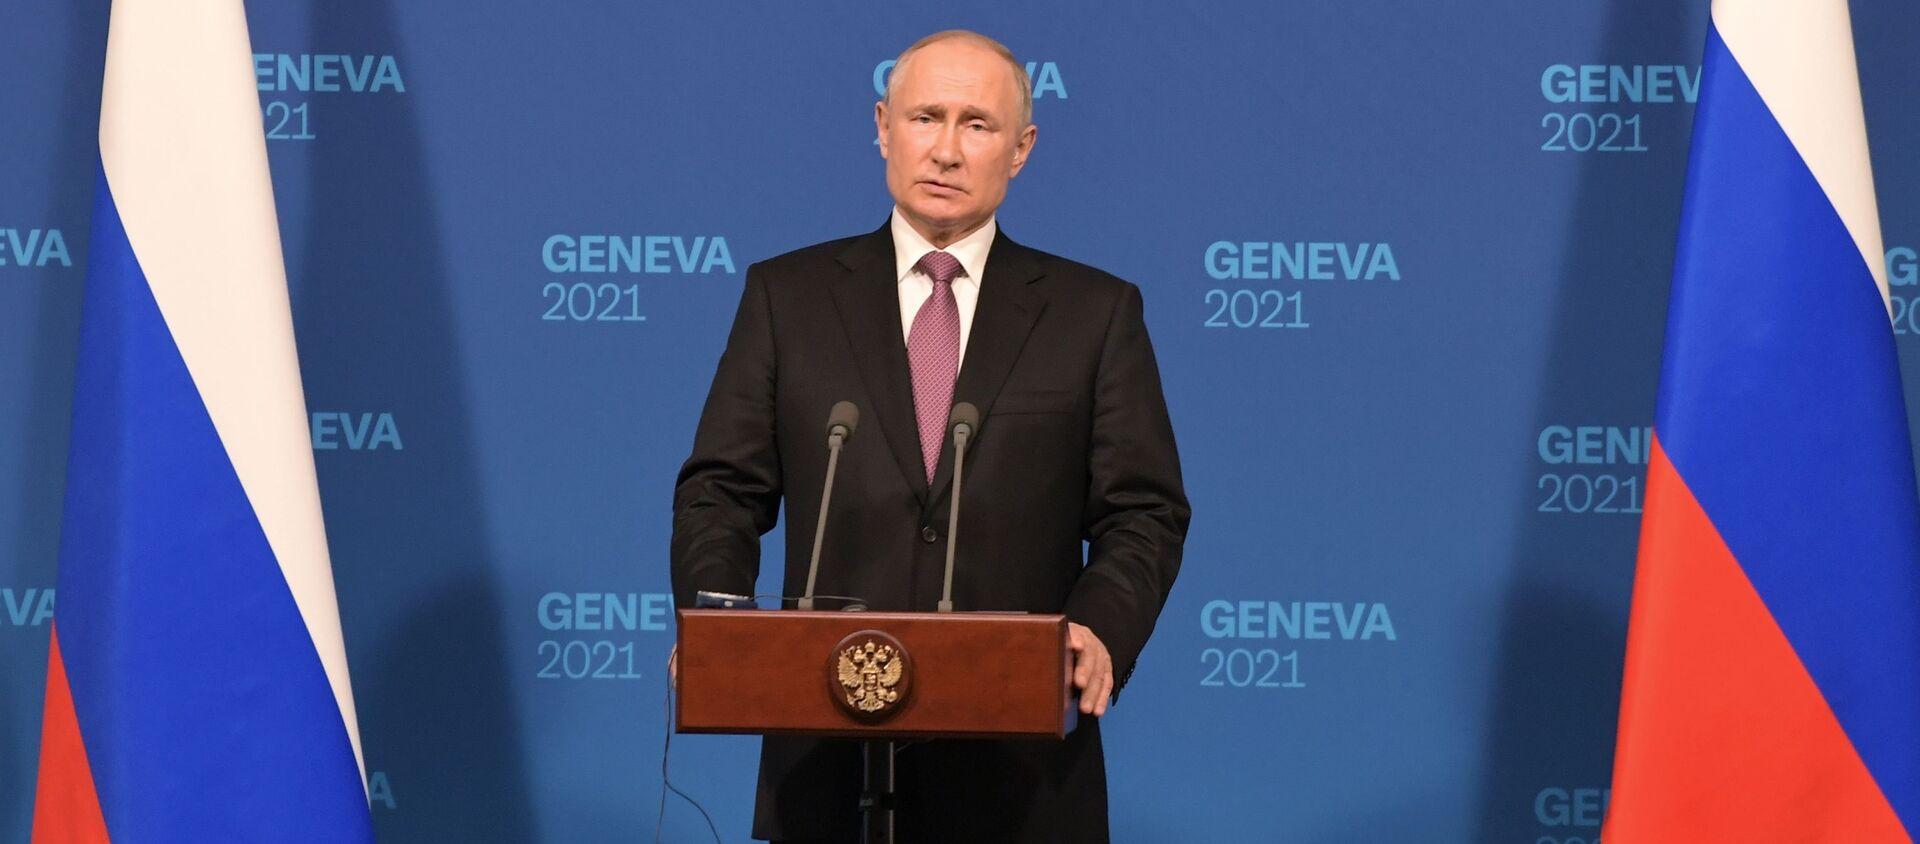 Tổng thống Nga Vladimir Putin tại cuộc họp báo sau hội đàm với Tổng thống Mỹ Joe Biden ở Geneva. - Sputnik Việt Nam, 1920, 17.06.2021